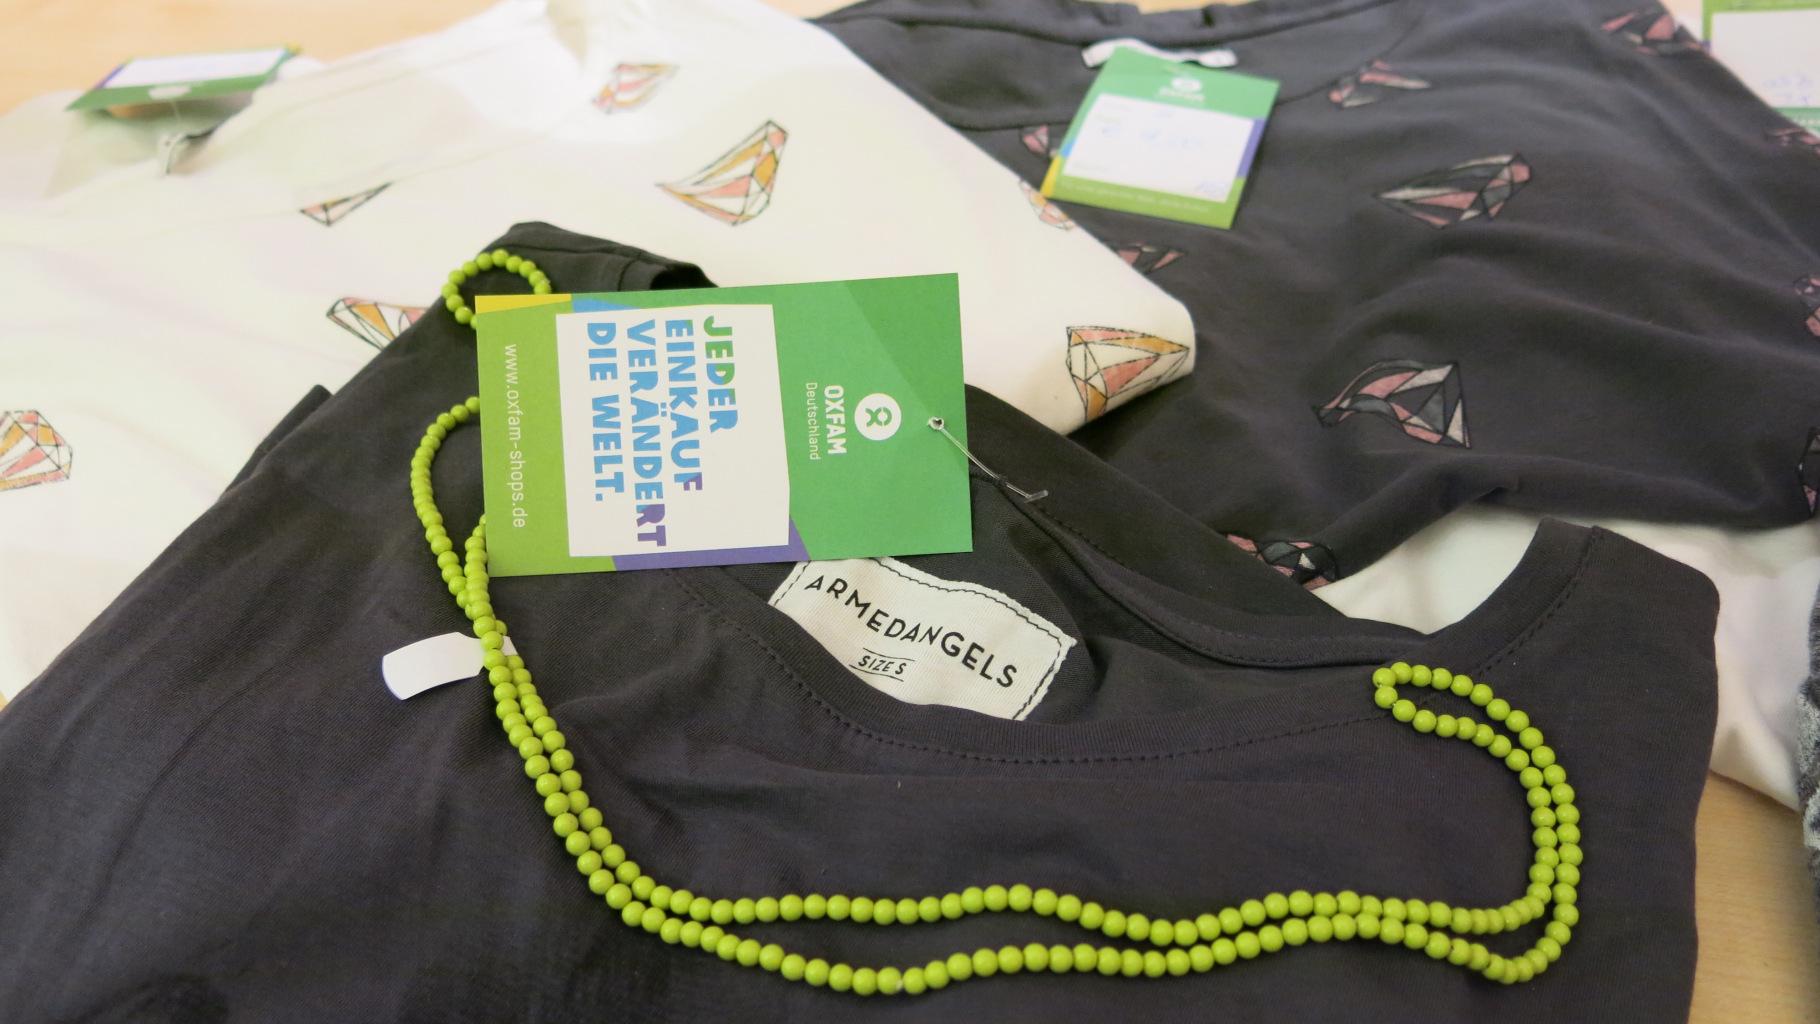 Kleidung von der Marke Armed Angels im Oxfam Shop